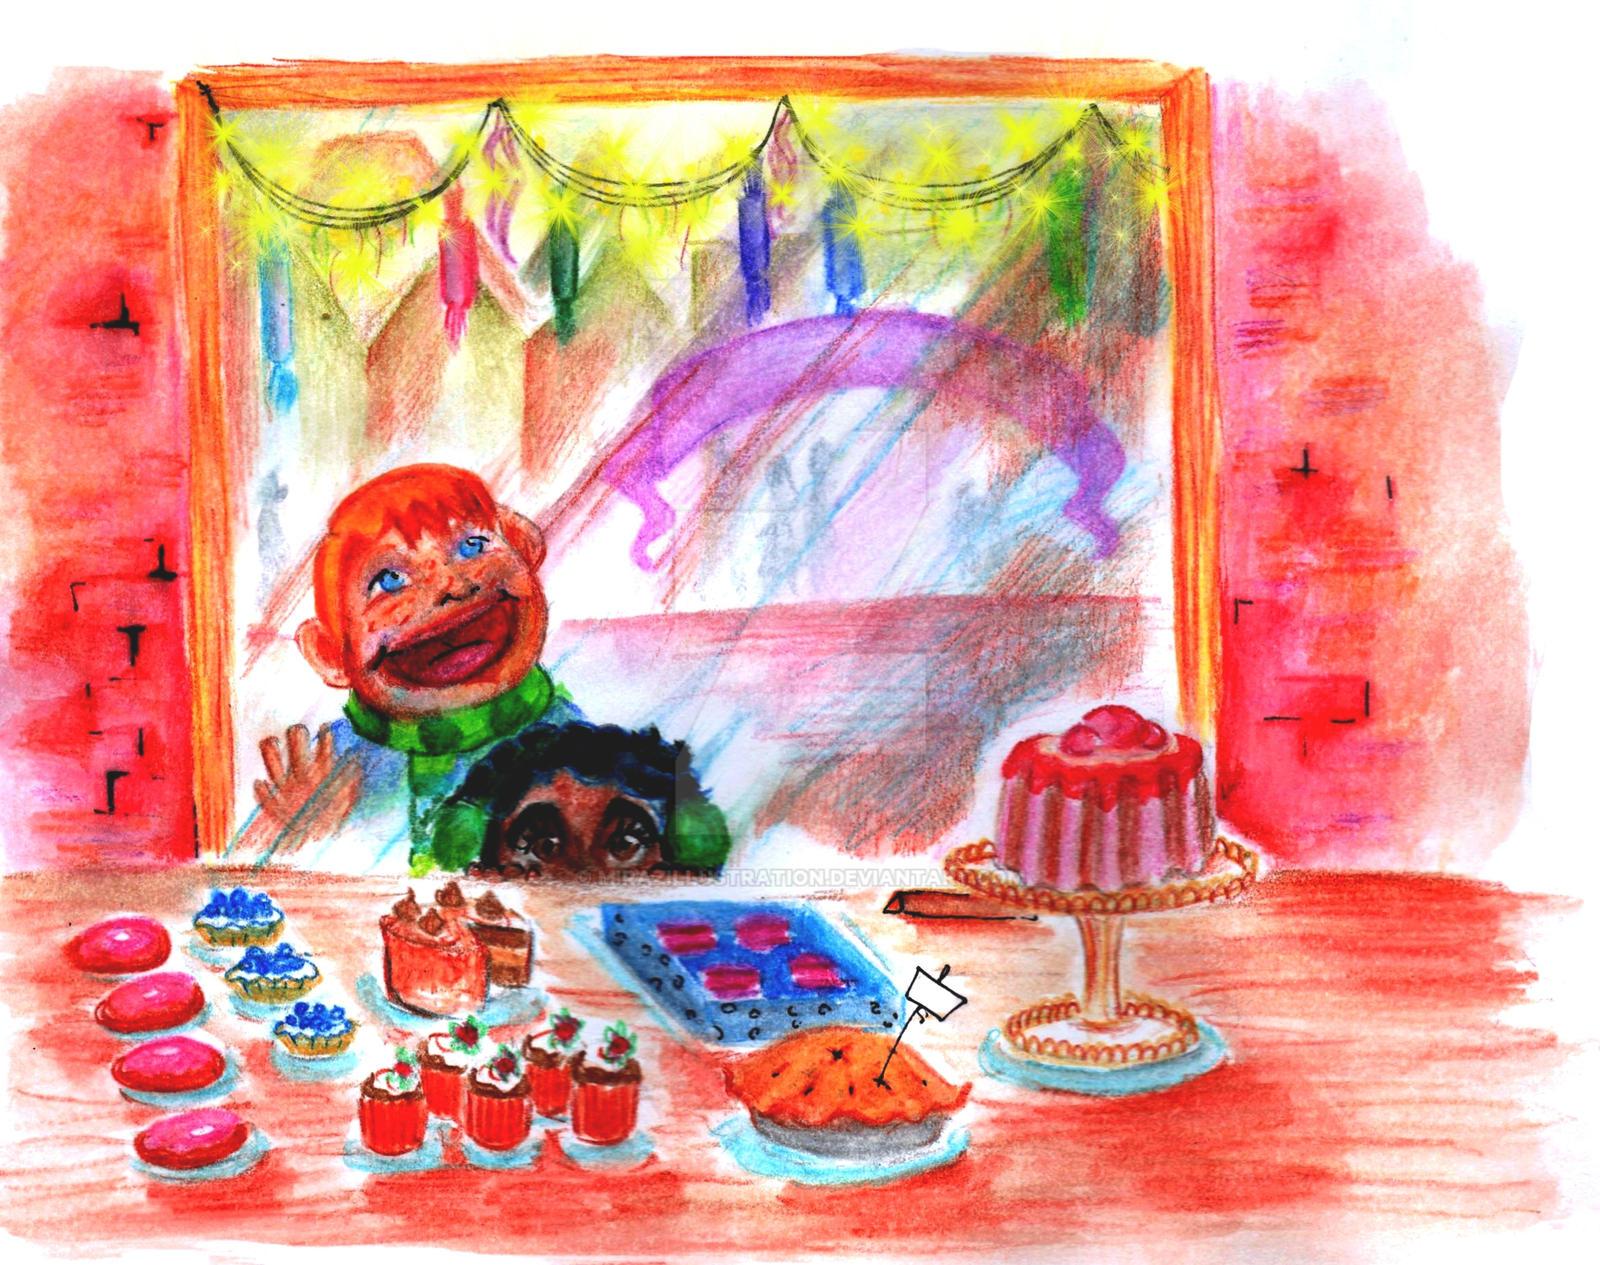 Bakery by MirazIllustration